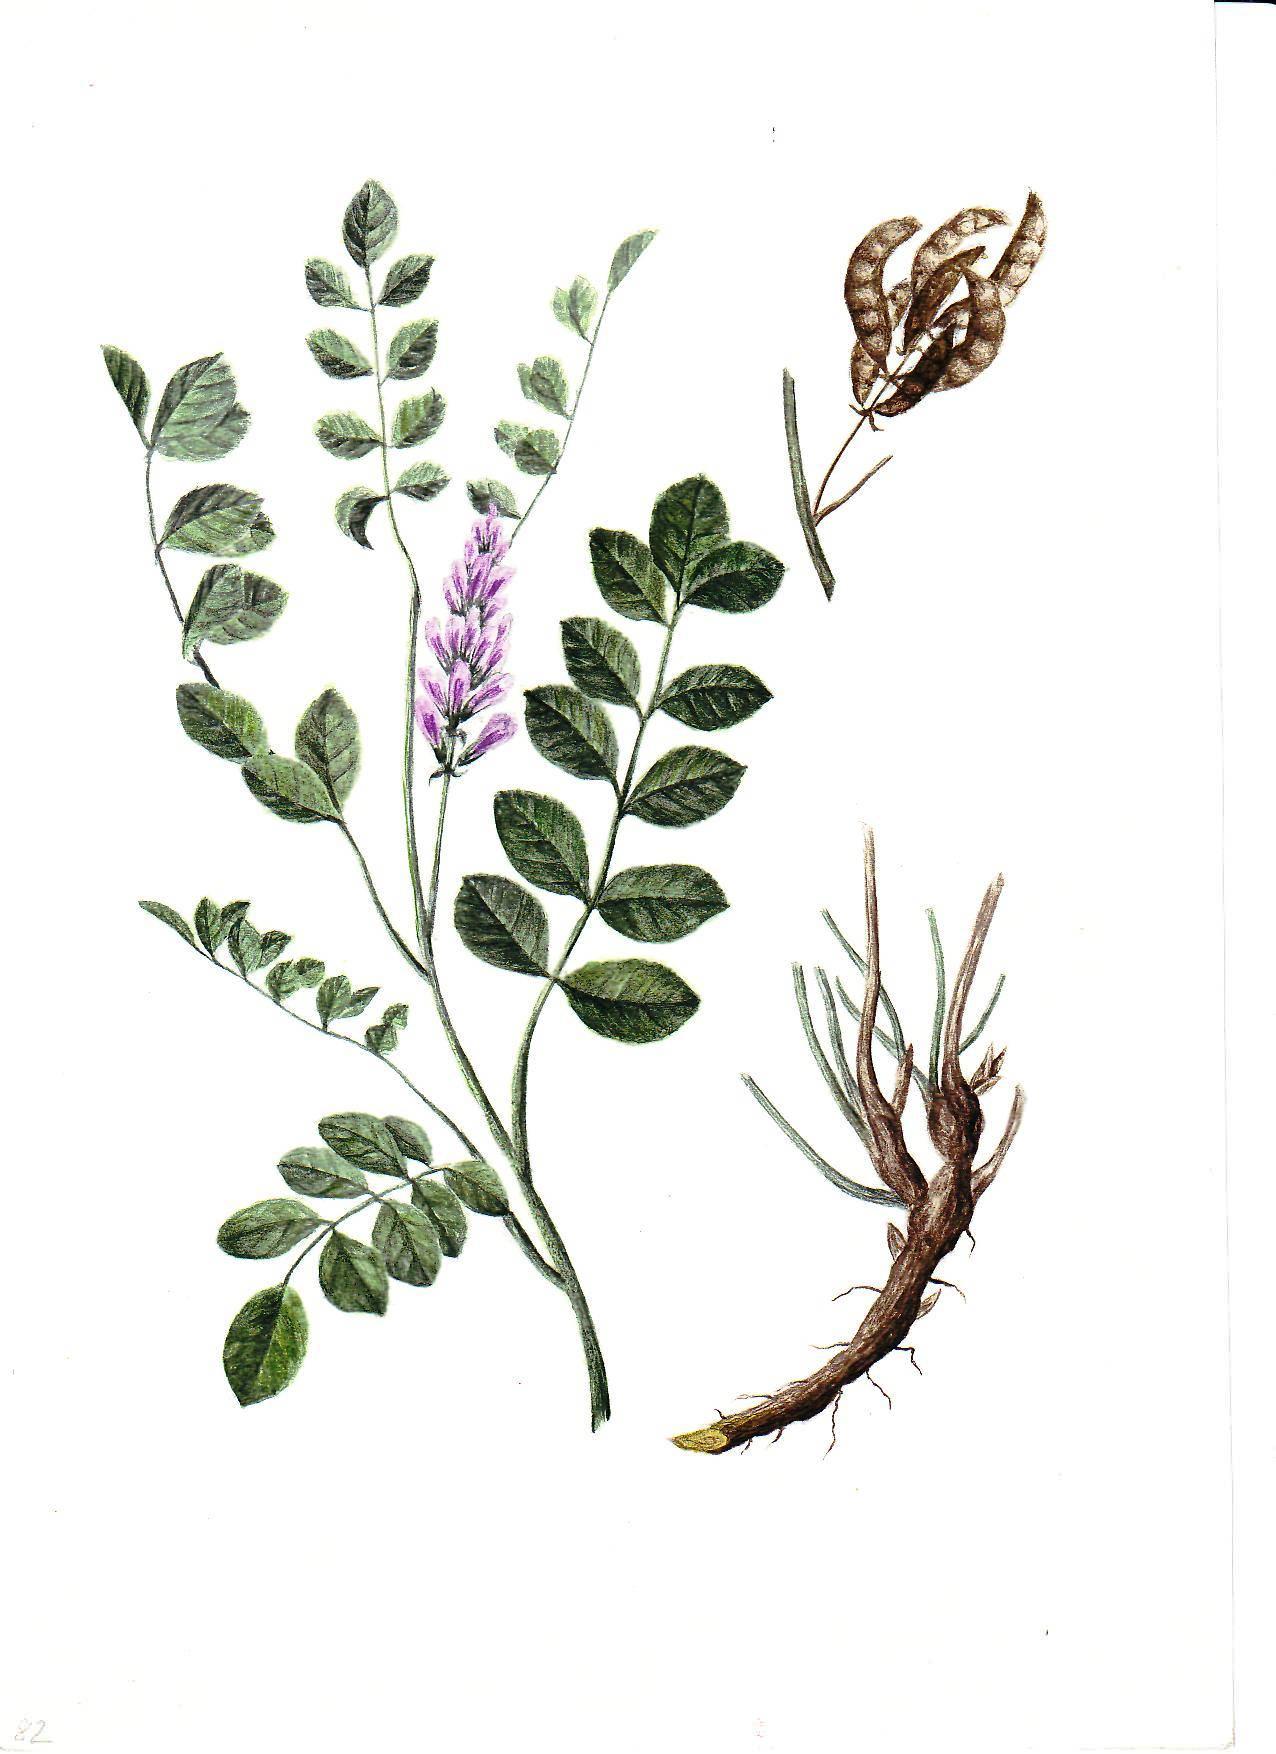 Солодка — лечебные свойства и противопоказания